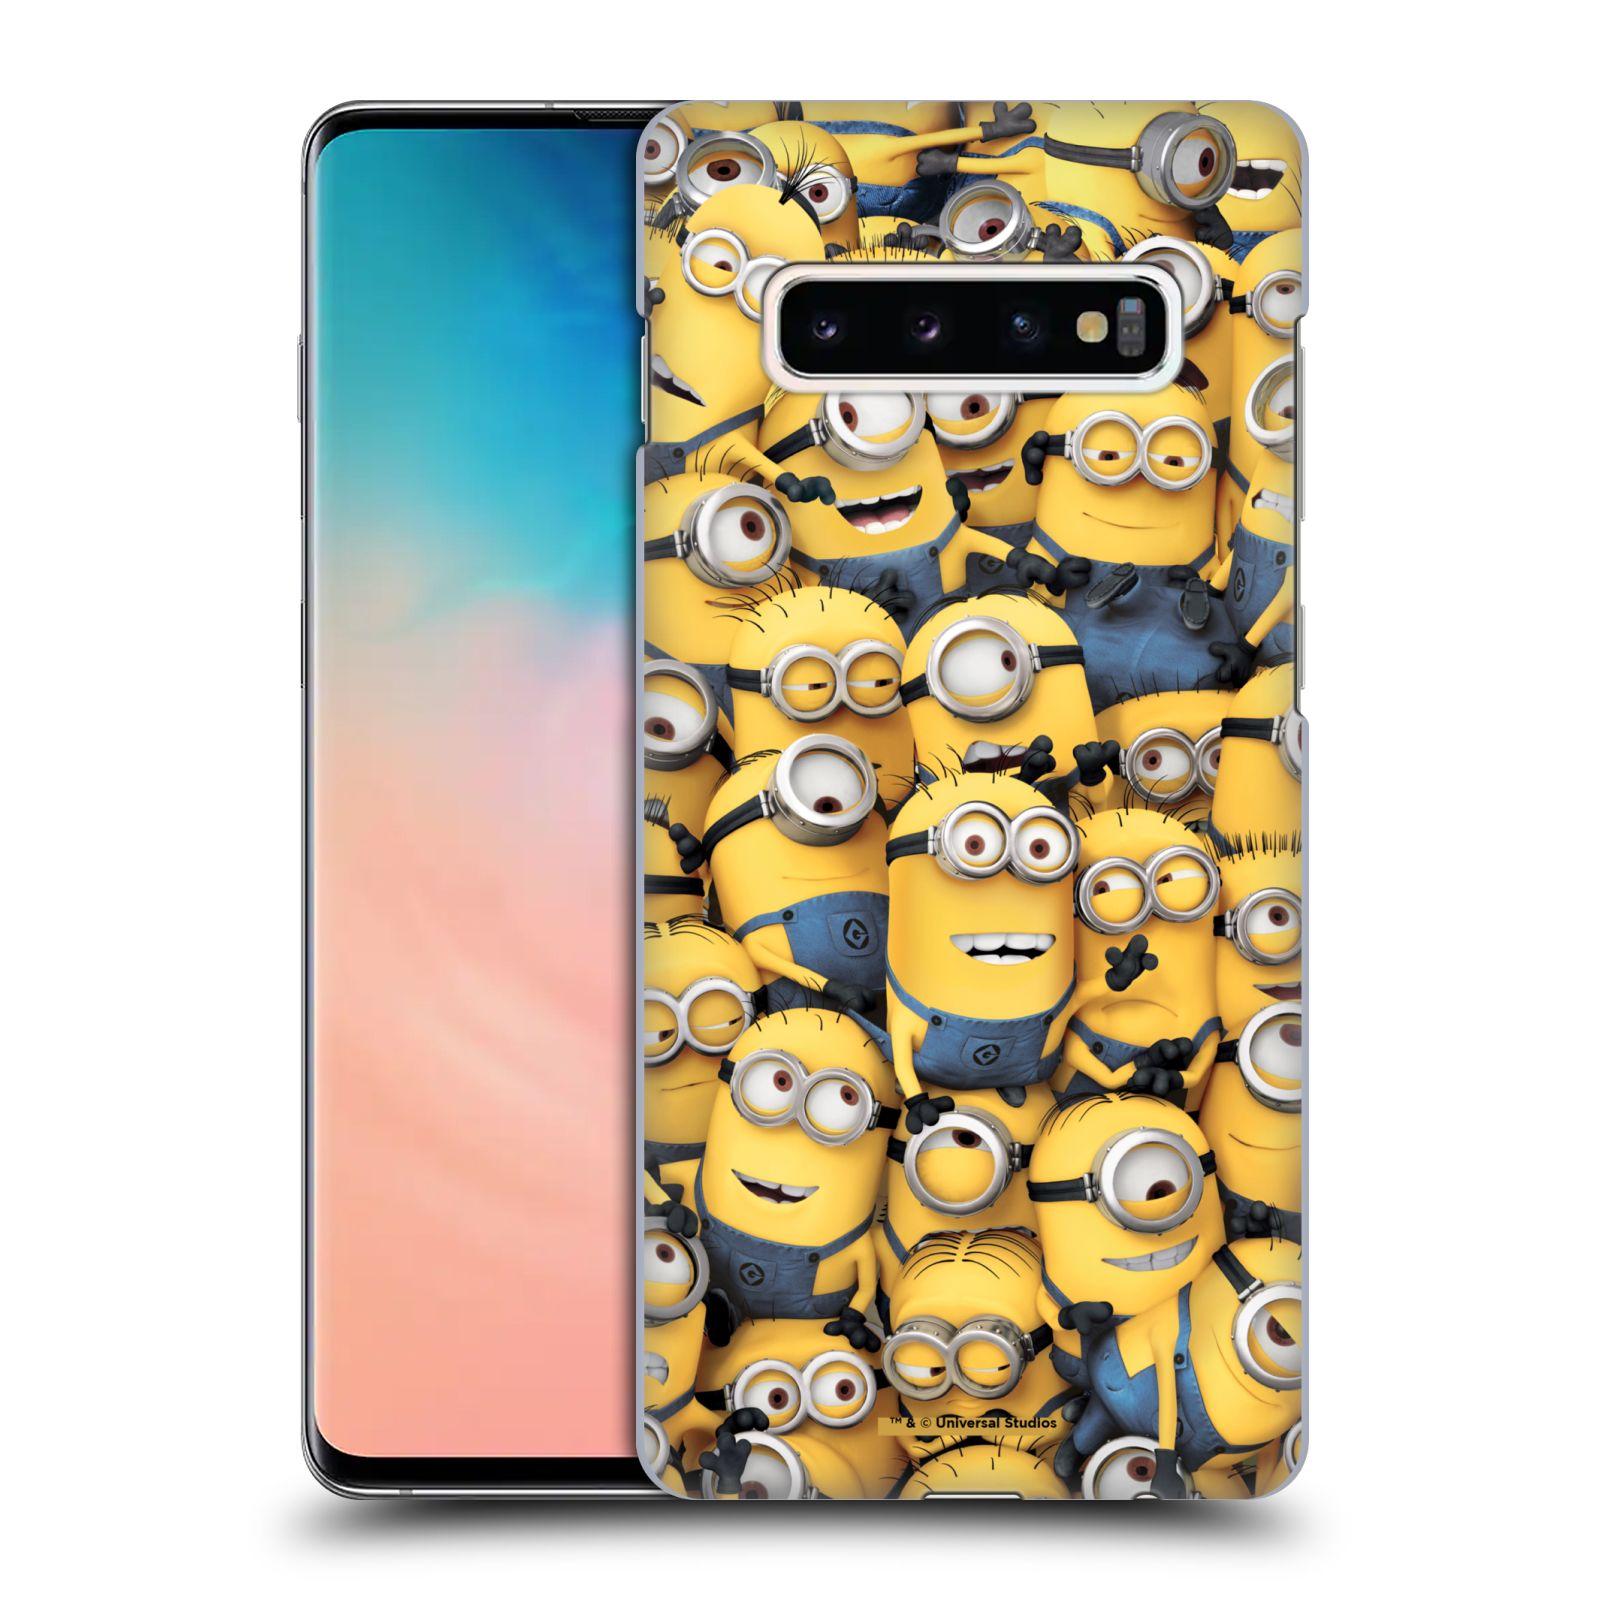 Plastové pouzdro na mobil Samsung Galaxy S10 Plus - Head Case - Mimoni všude z filmu Já, padouch - Despicable Me